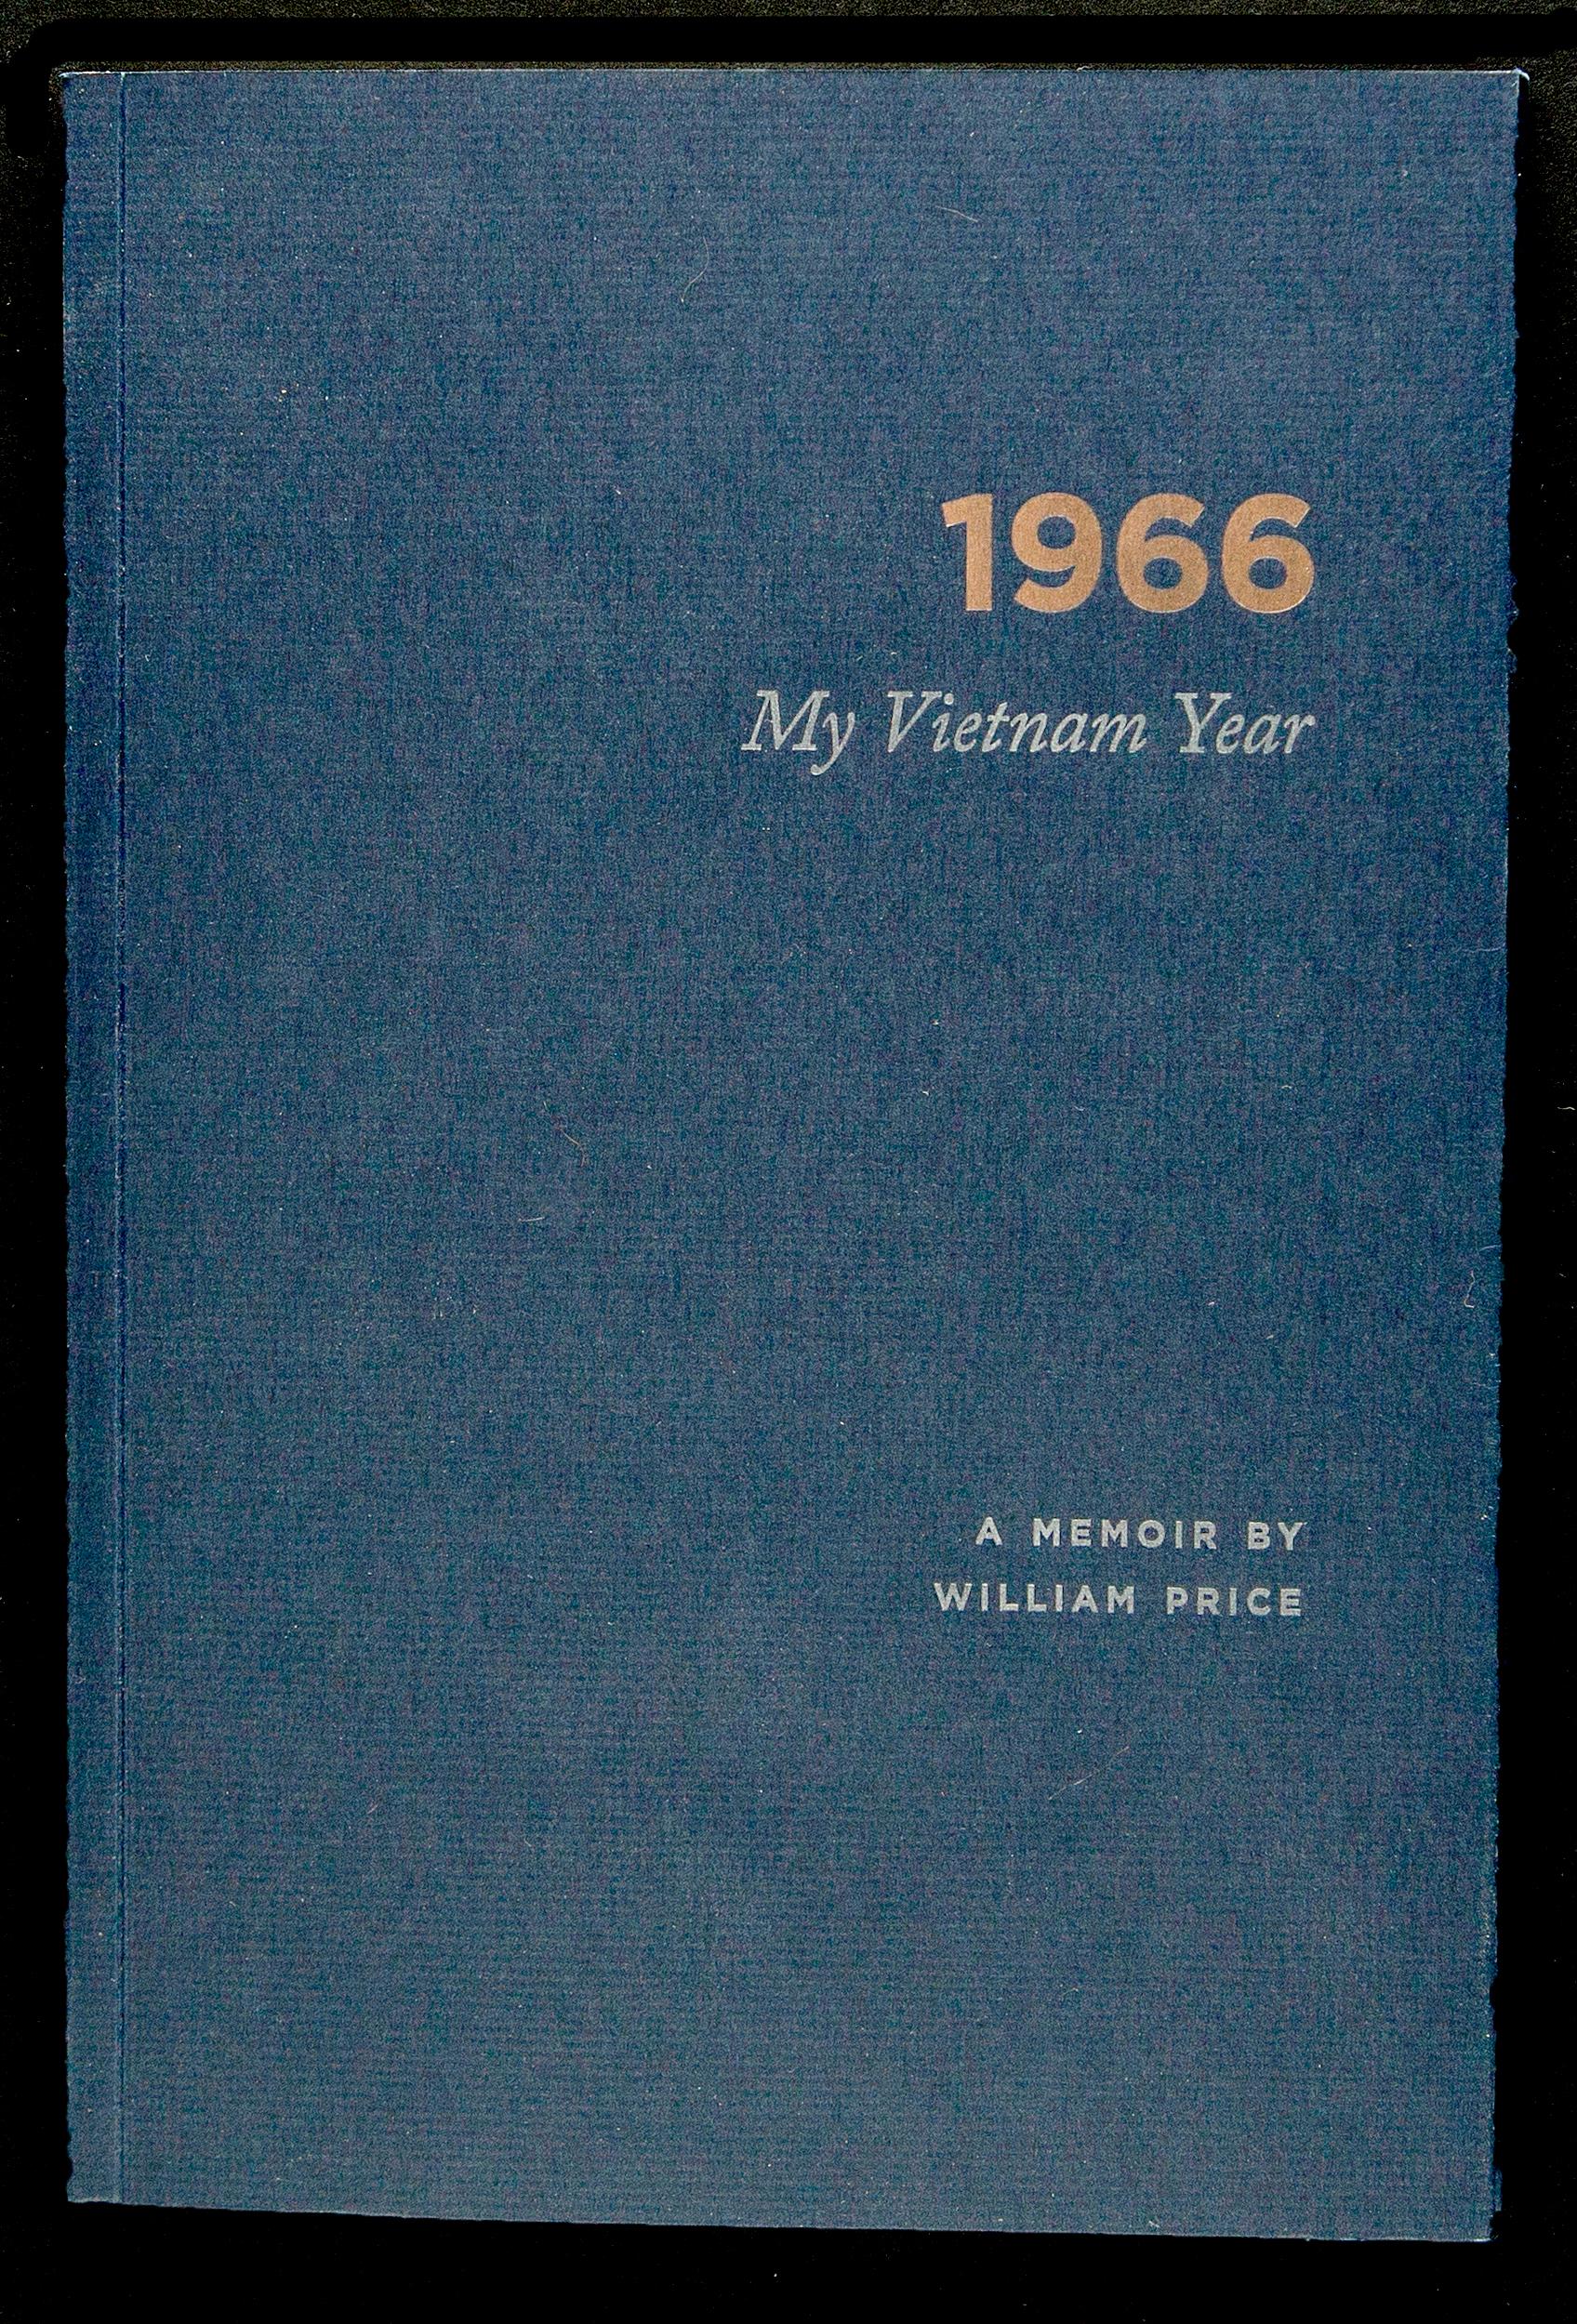 1966cover.letterpress.jpg